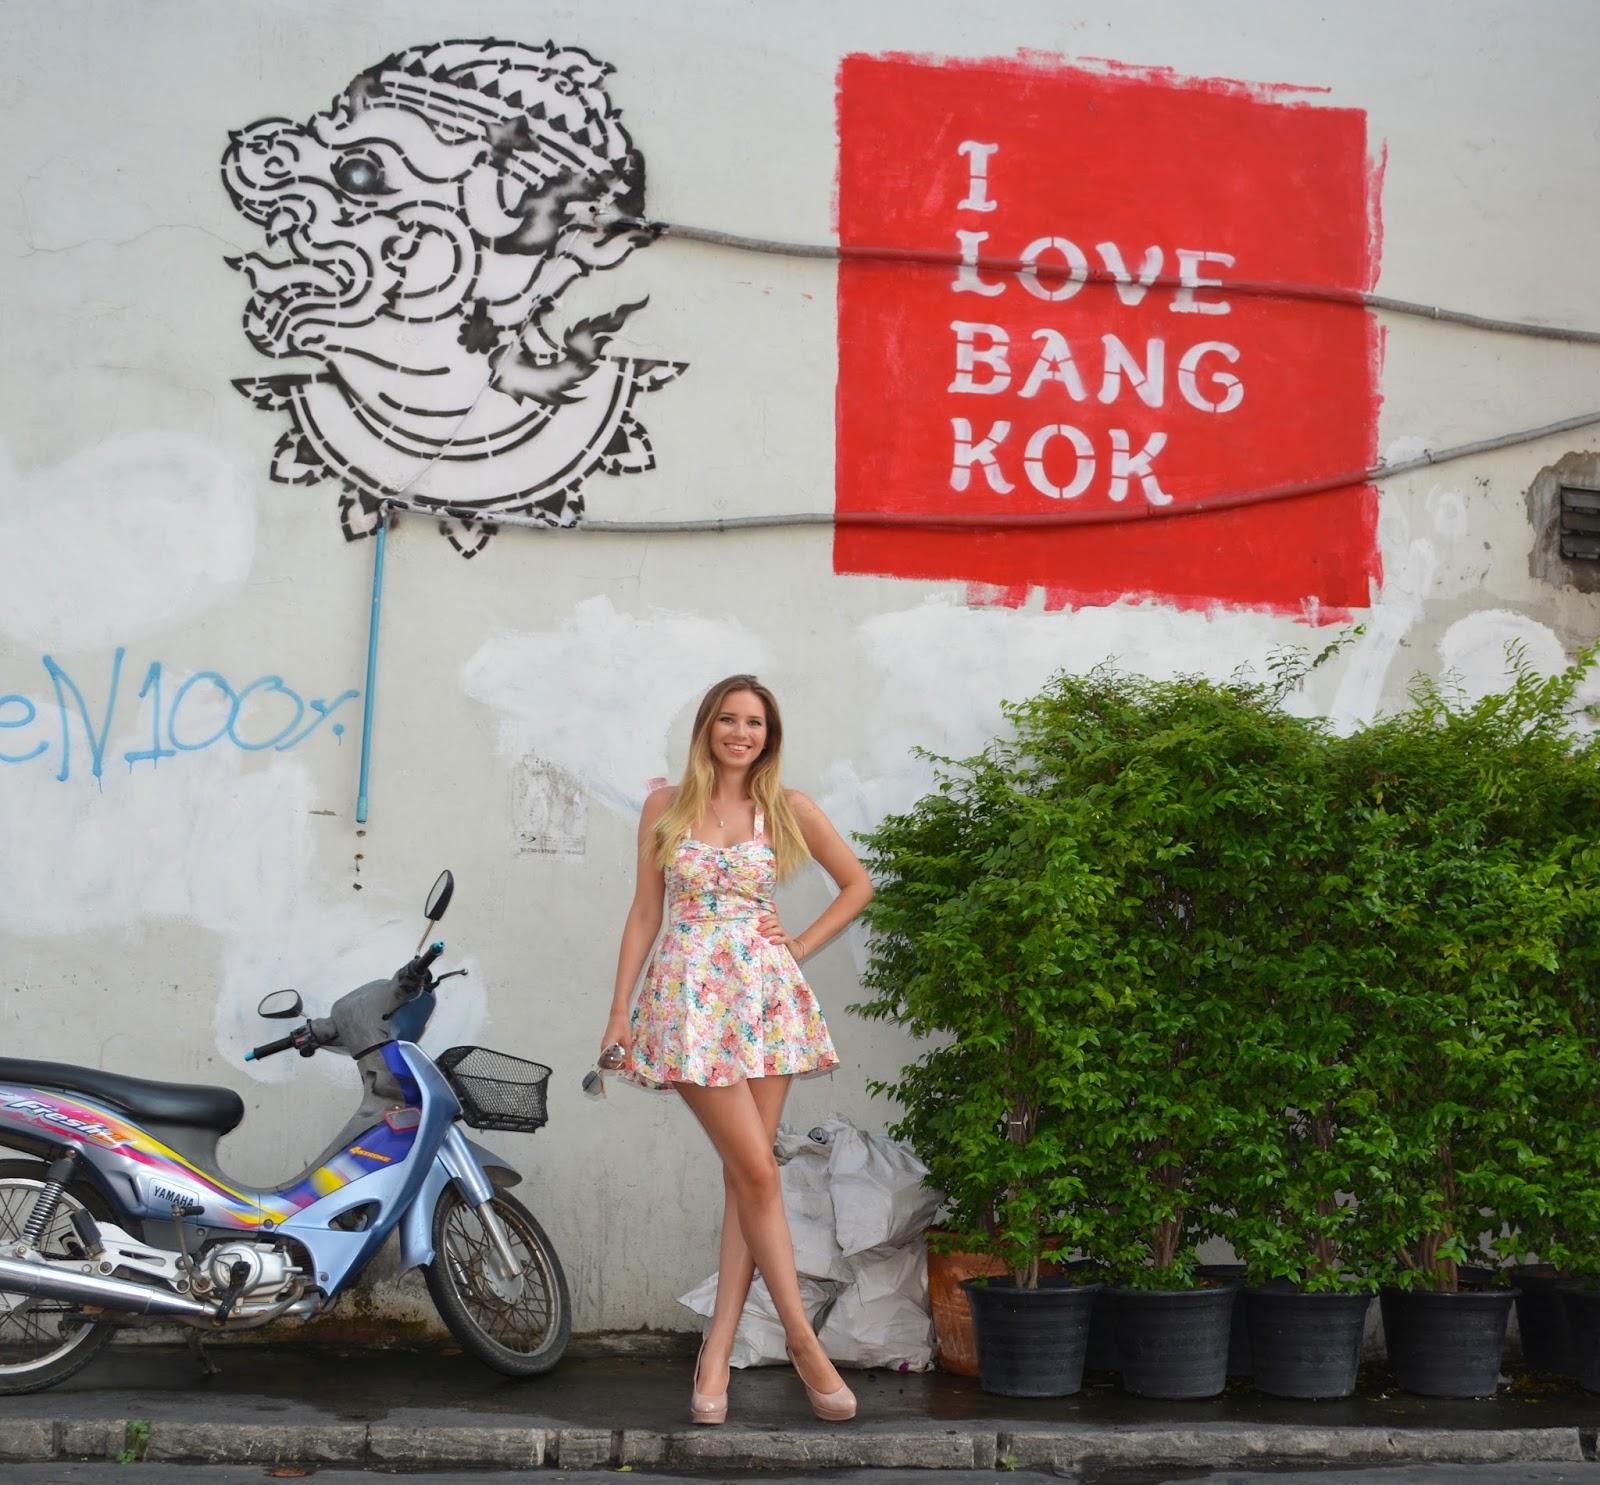 kristýna vacková, blog thajsko, thajsko, I love bangkok, flower dress, květované šaty, letní šaty, krátké letní šaty, outfit, český blog, thailand, blog o cestování, cestování na vlastní pěst do thajska